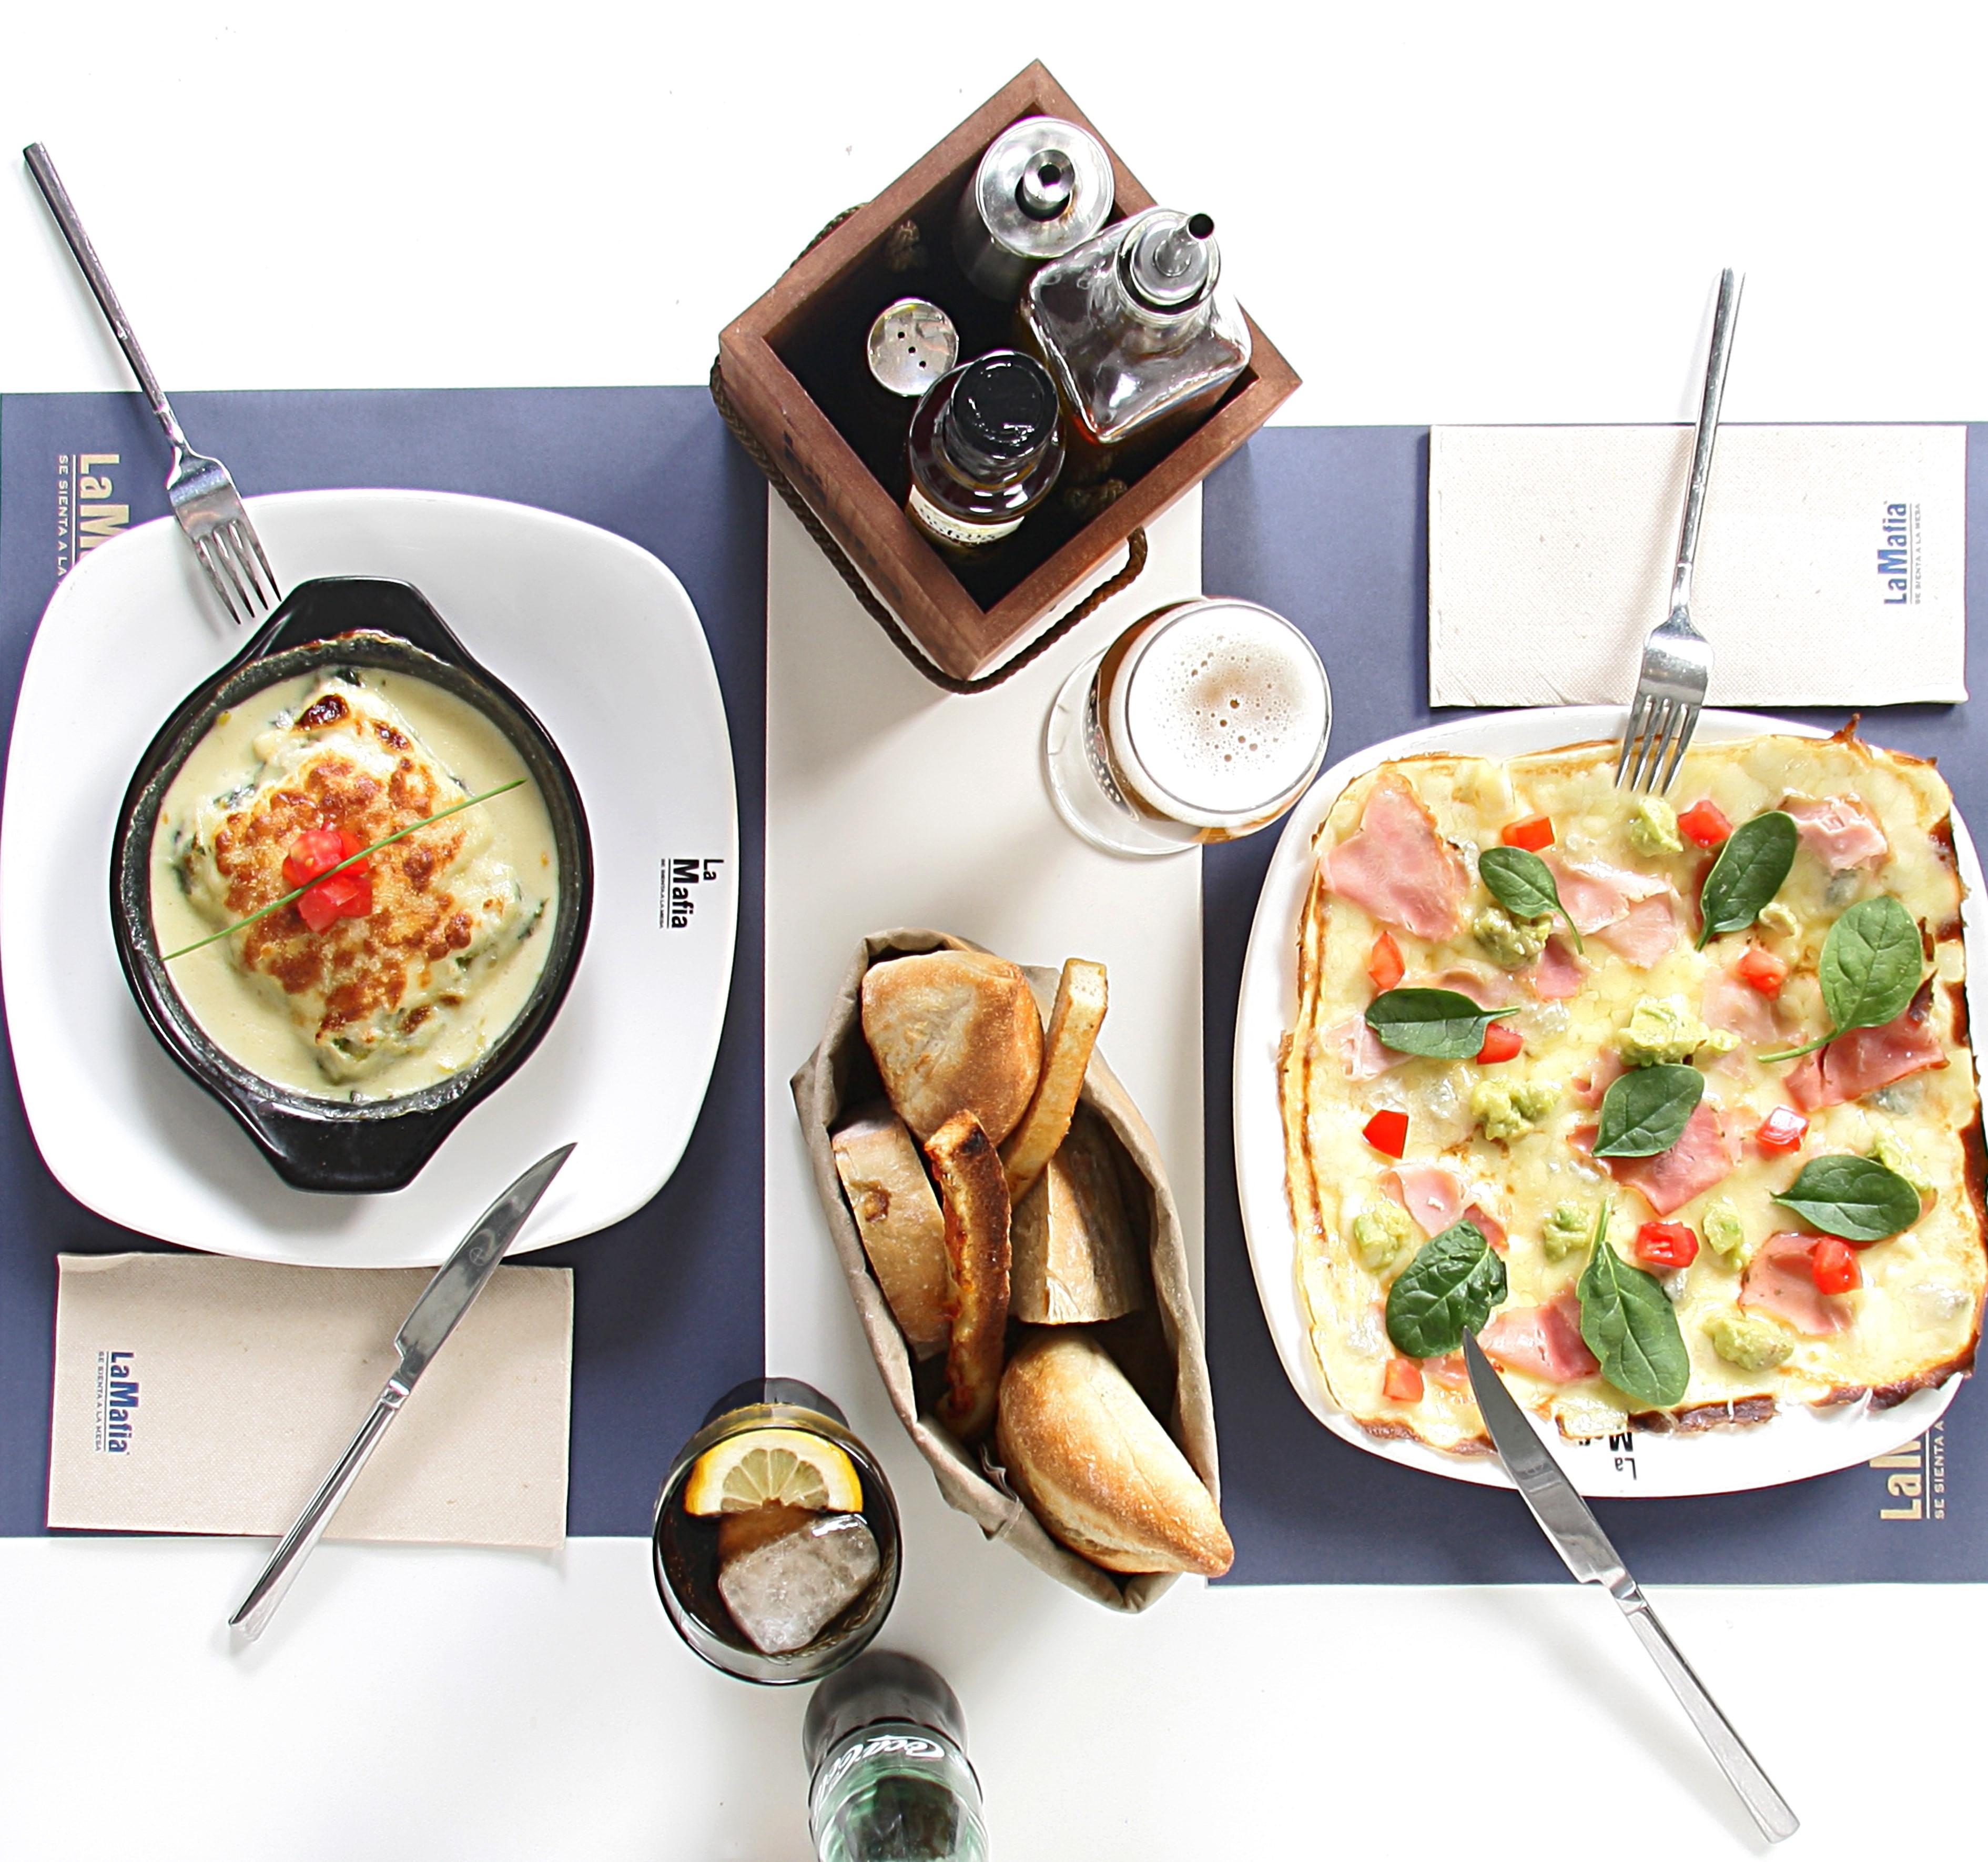 IMG 6477 OK - Dime cómo comes y te diré qué plato de 'La Mafia se sienta a la mesa' eres